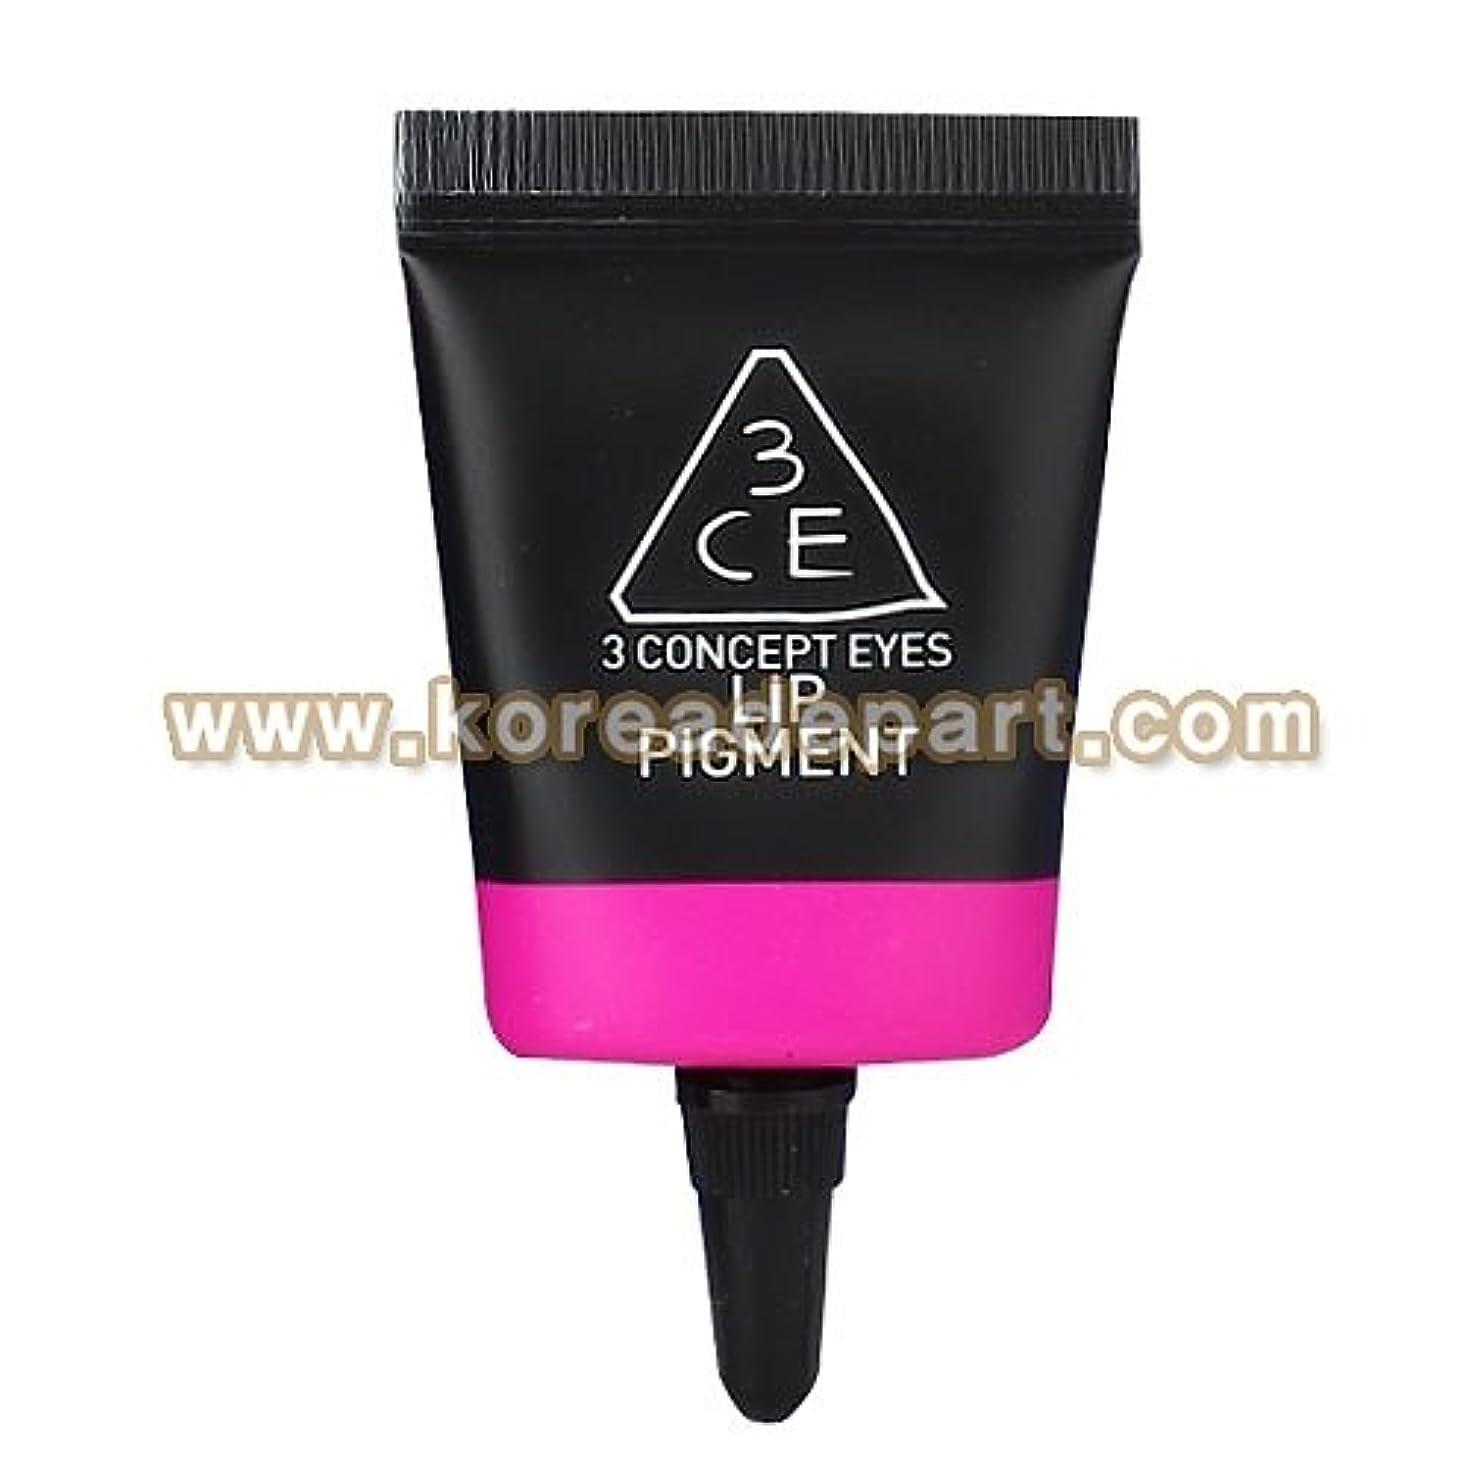 ジョットディボンドン爆発物スーツ3CE リップ ピグメント (electro pink) [海外直送品][並行輸入品]